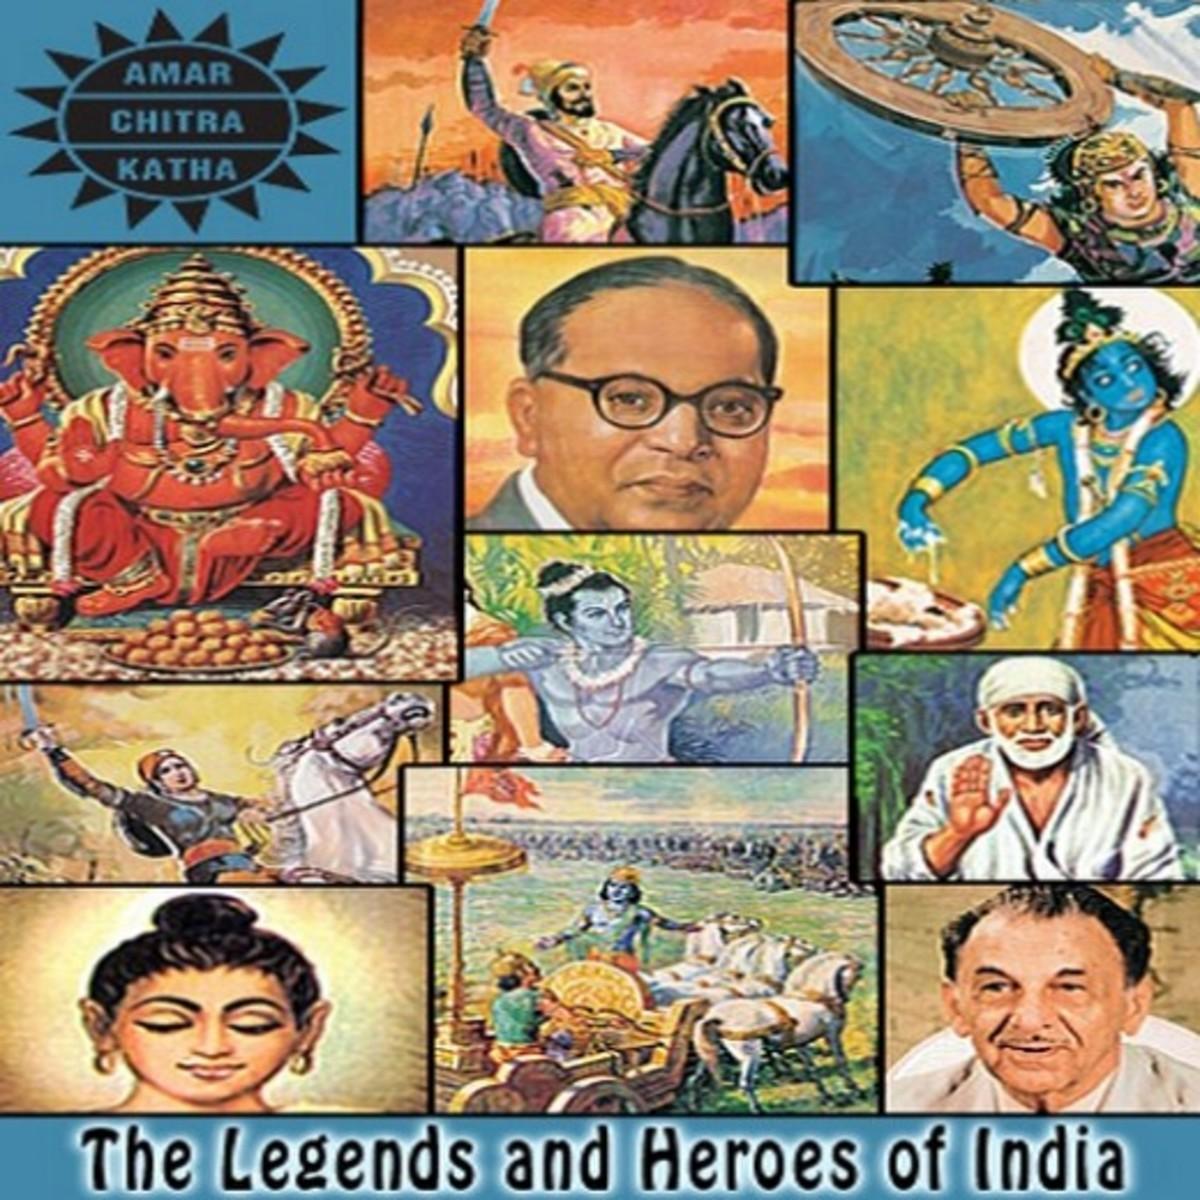 Amar Chitra Katha comics